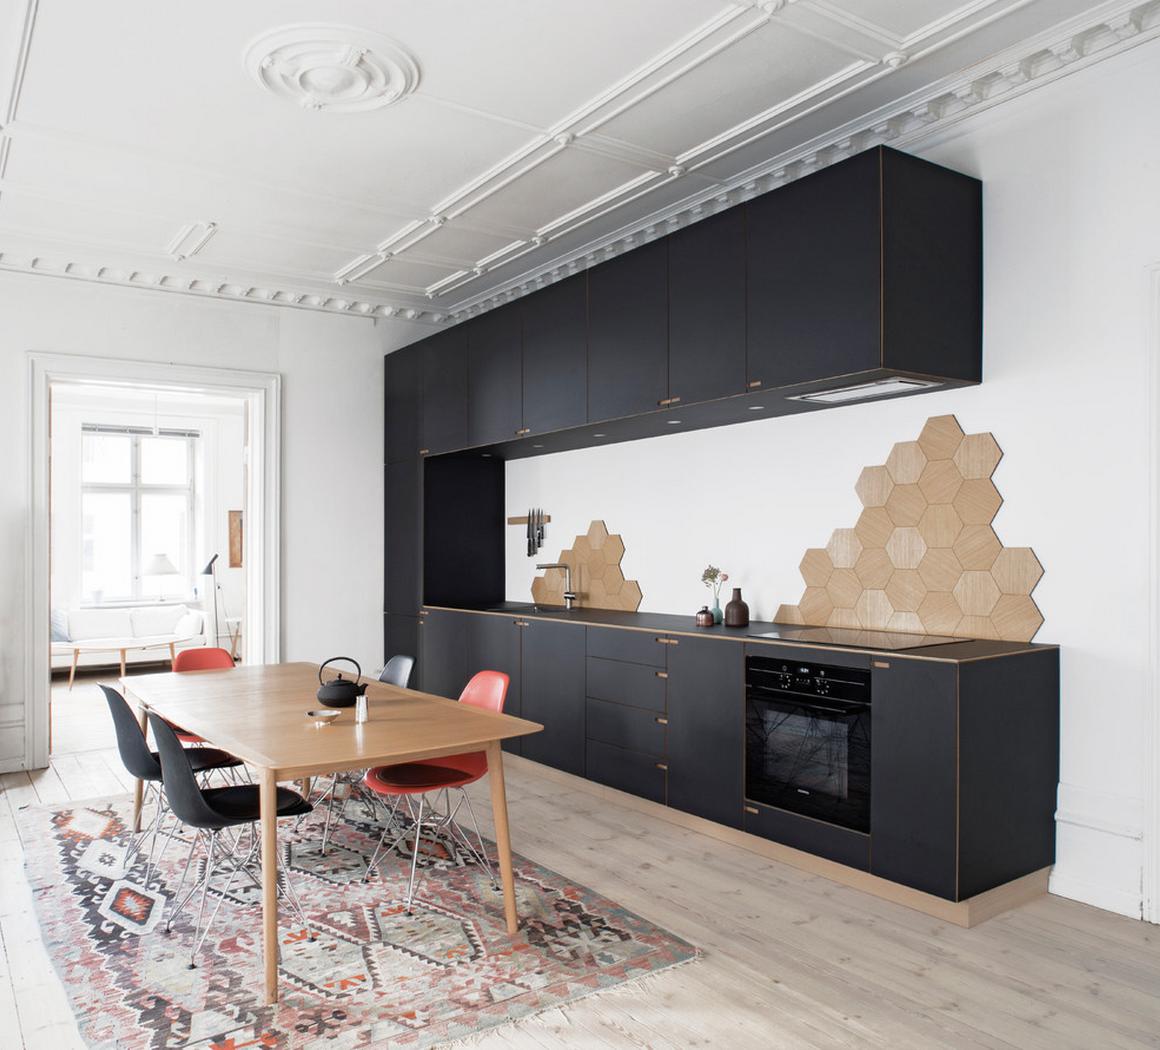 Unique and Useful Kitchen Decor